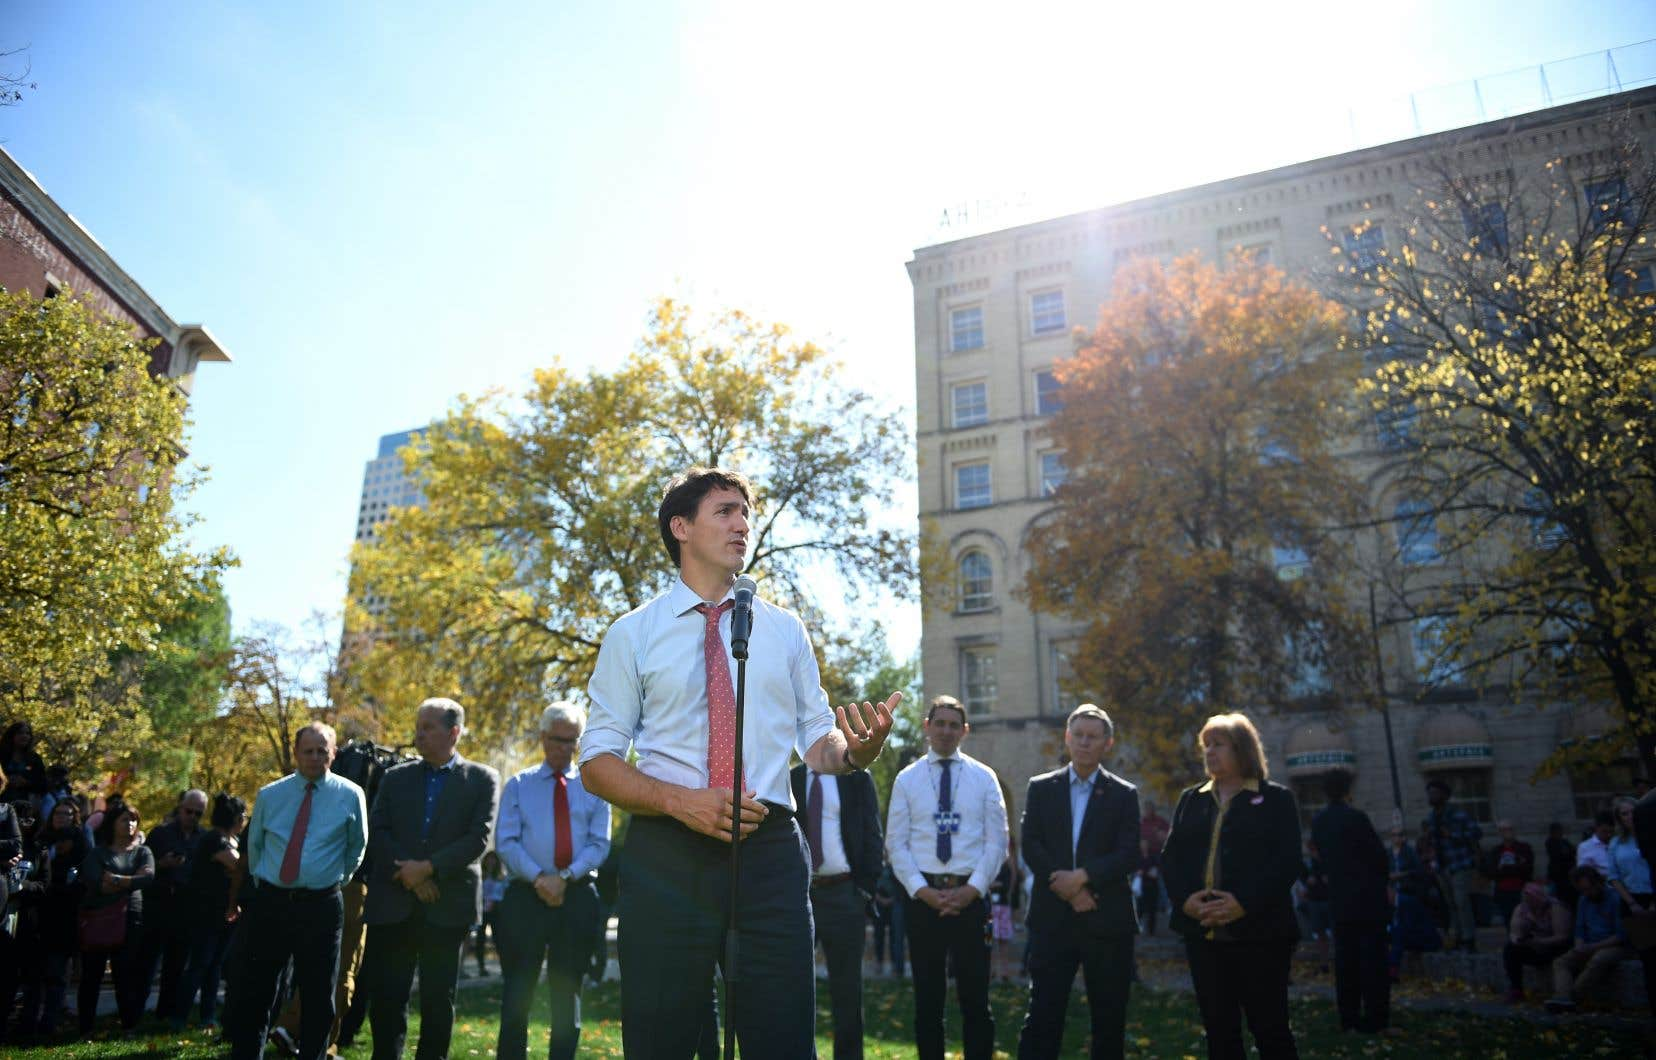 Le premier ministre sortant et chef libéral, Justin Trudeau, réitère ses excuses jeudi à Winnipegdevant les journalistes après la publication de photos du passé où il apparaît avec un blackface.